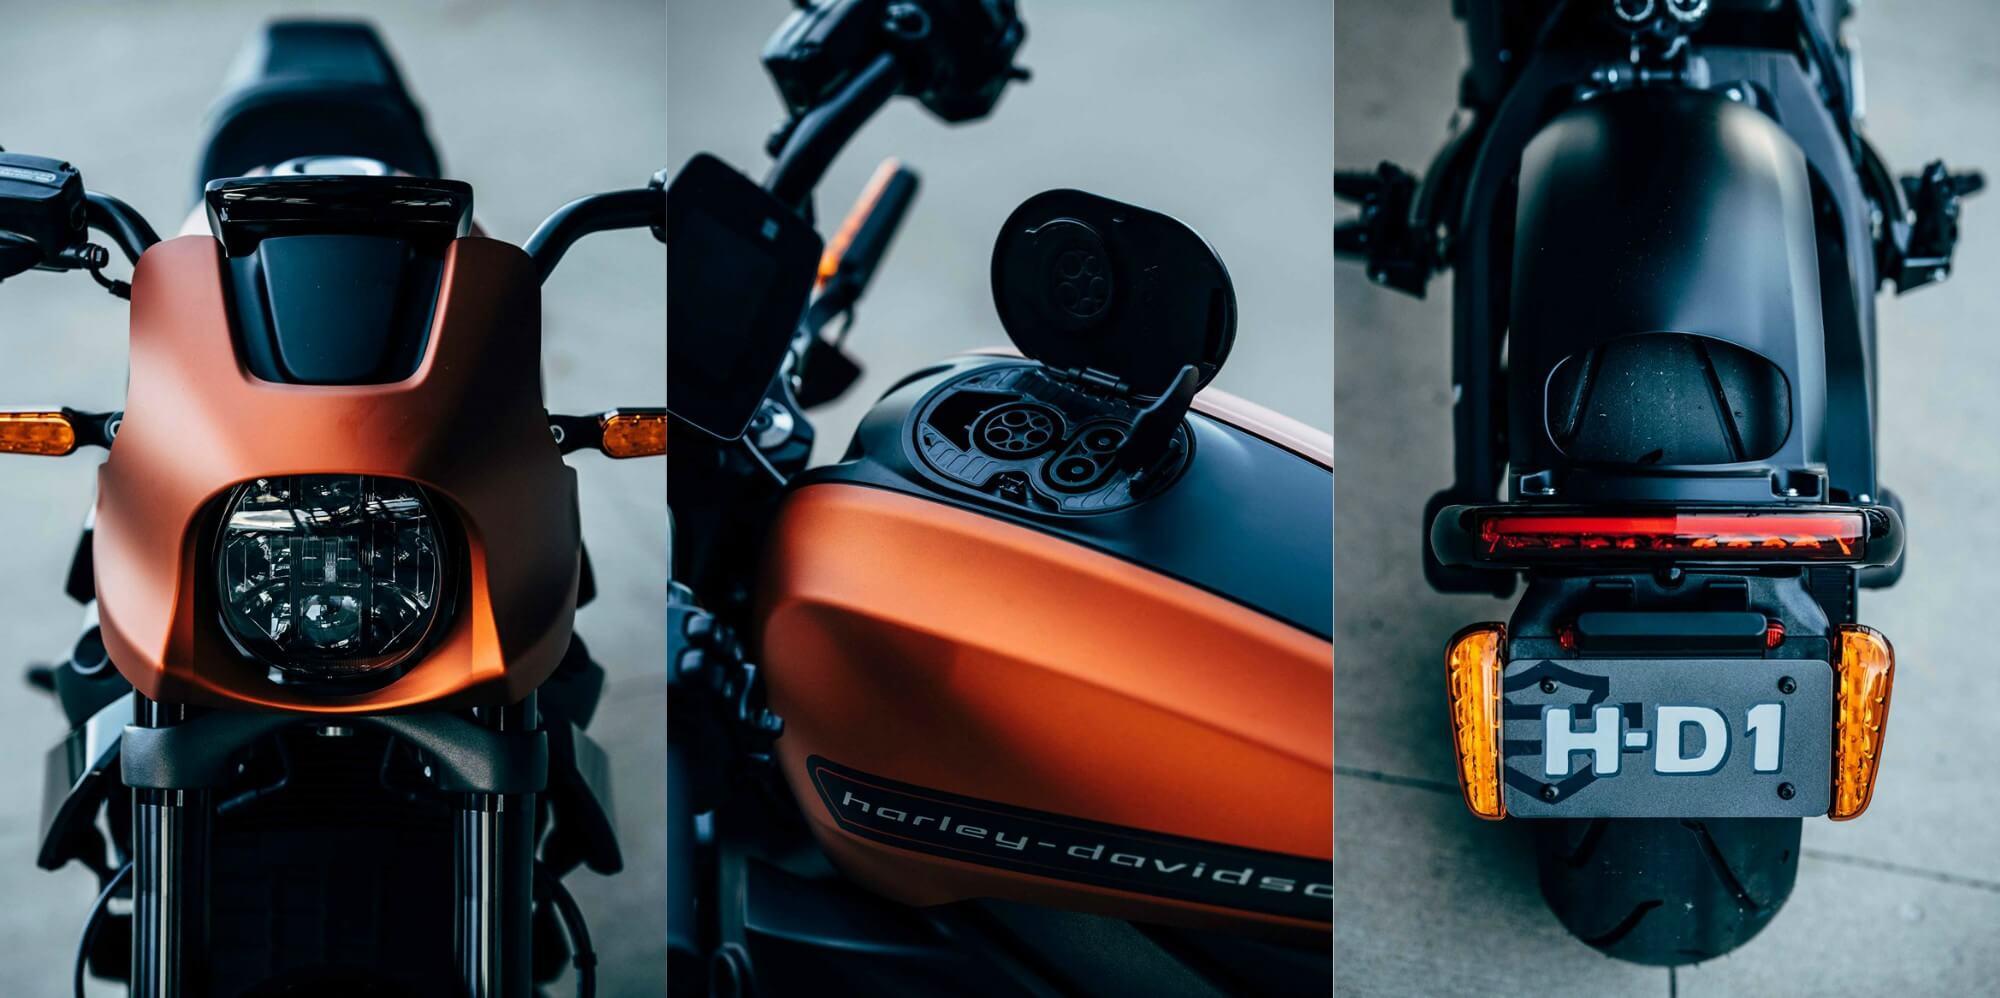 Вид электрического мотоцикла Harley-Davidson LiveWire спереди и сзади